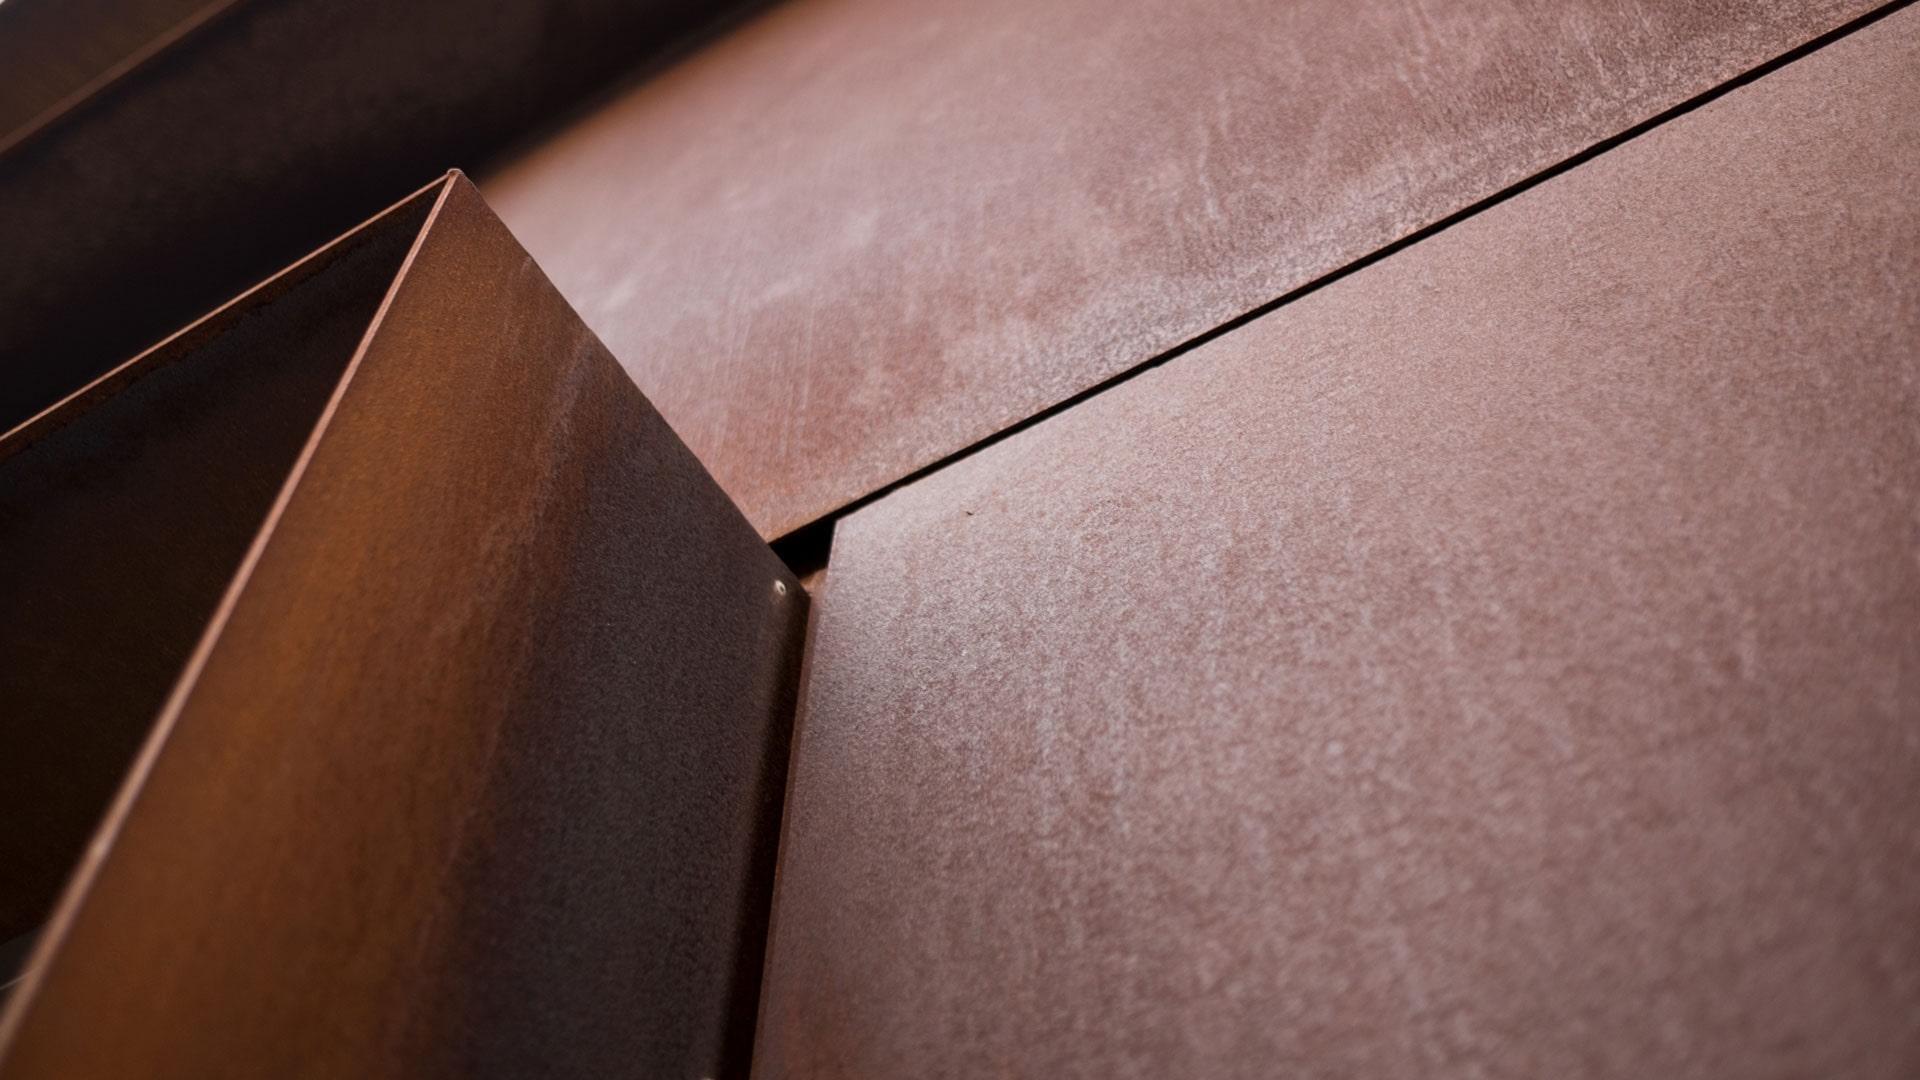 ورق هایی به جنس فولادی کورتِن